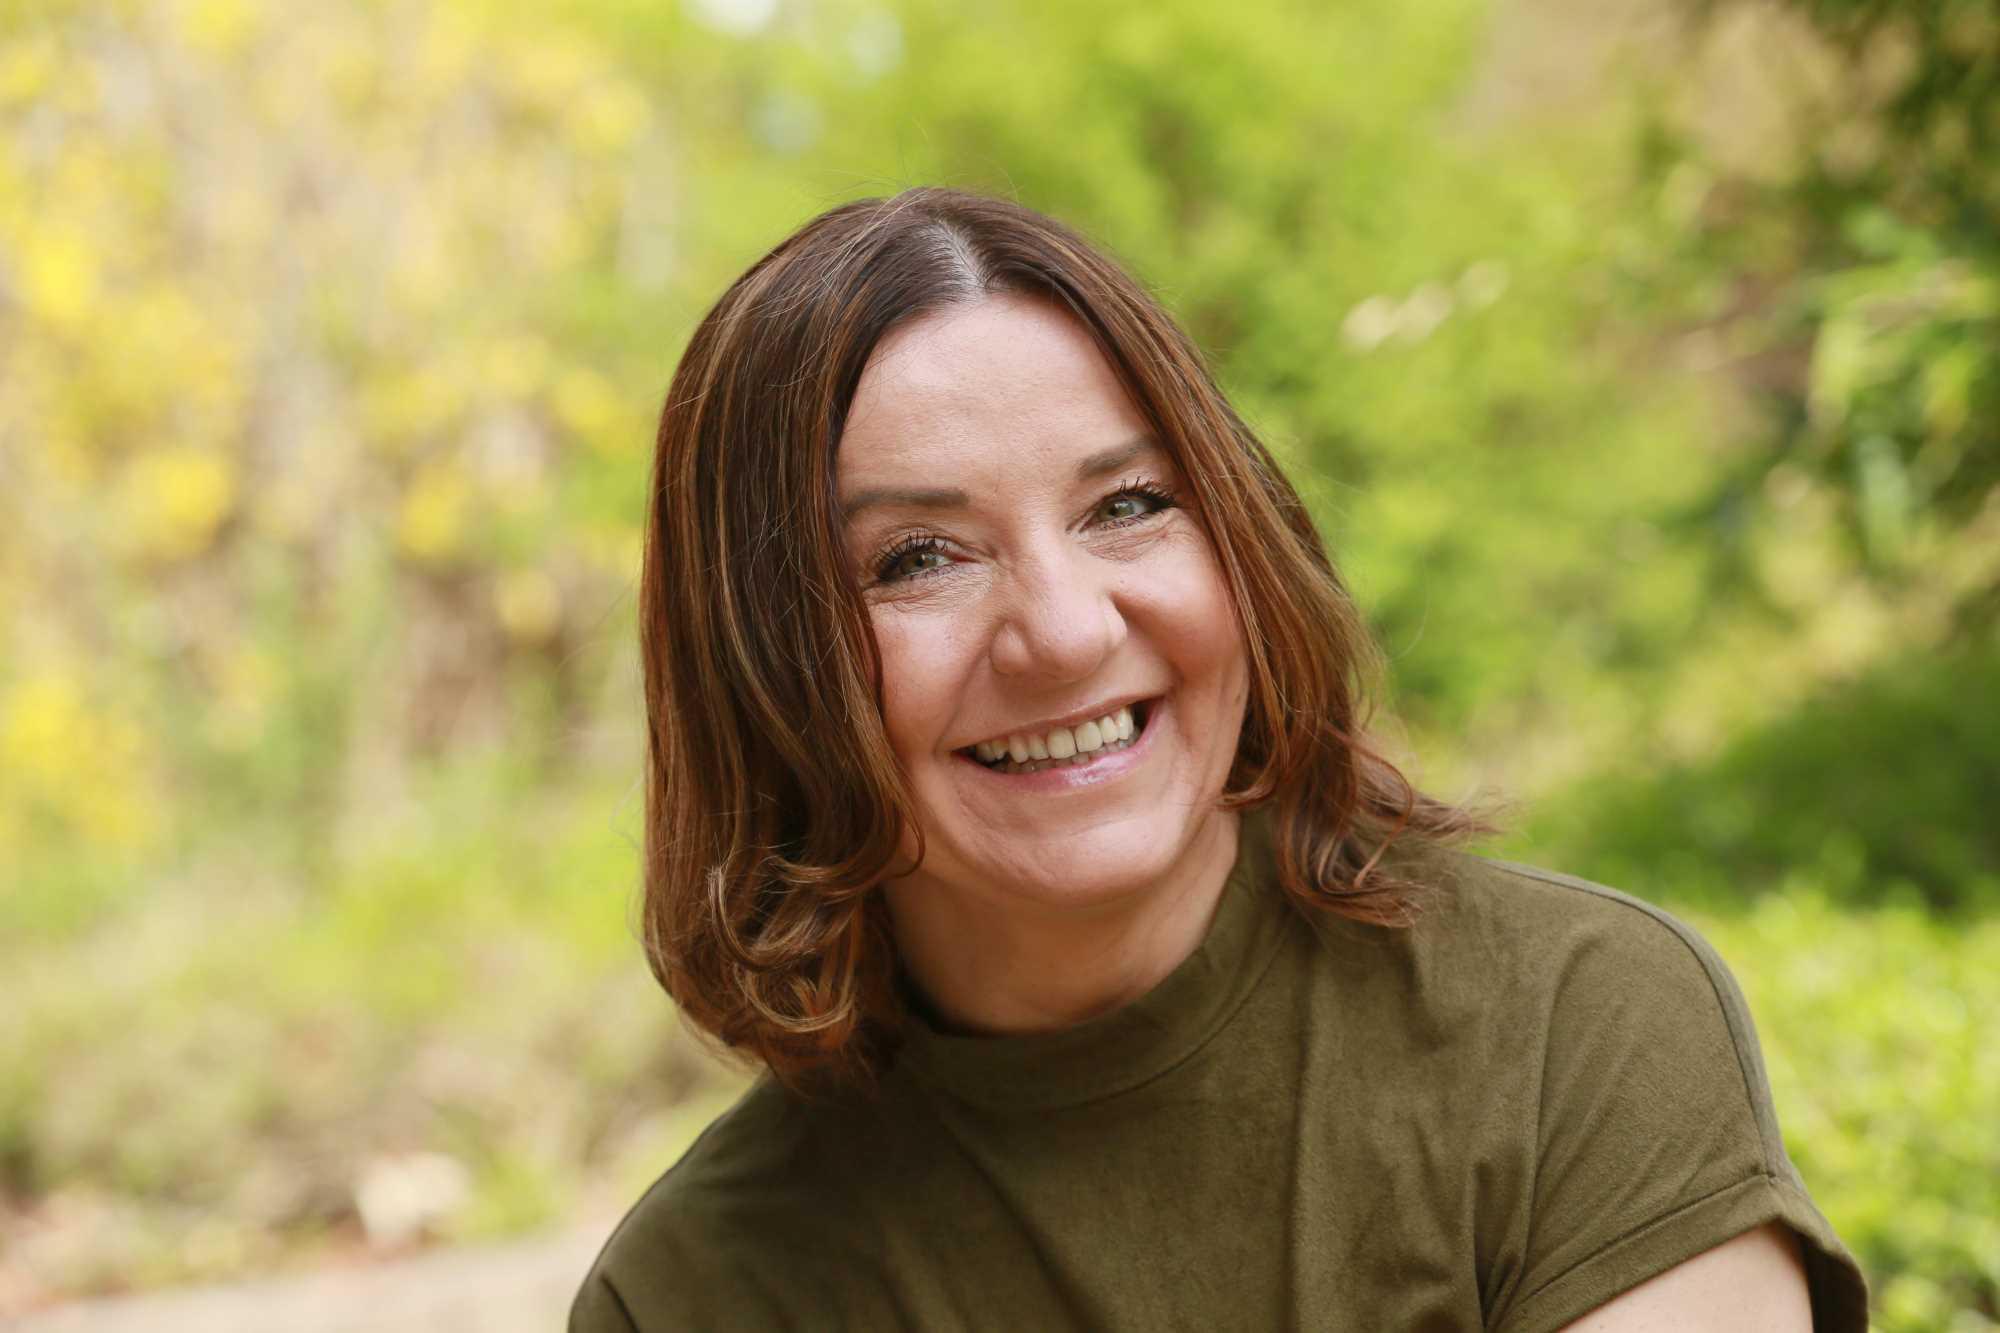 Grazyna Przyborowska